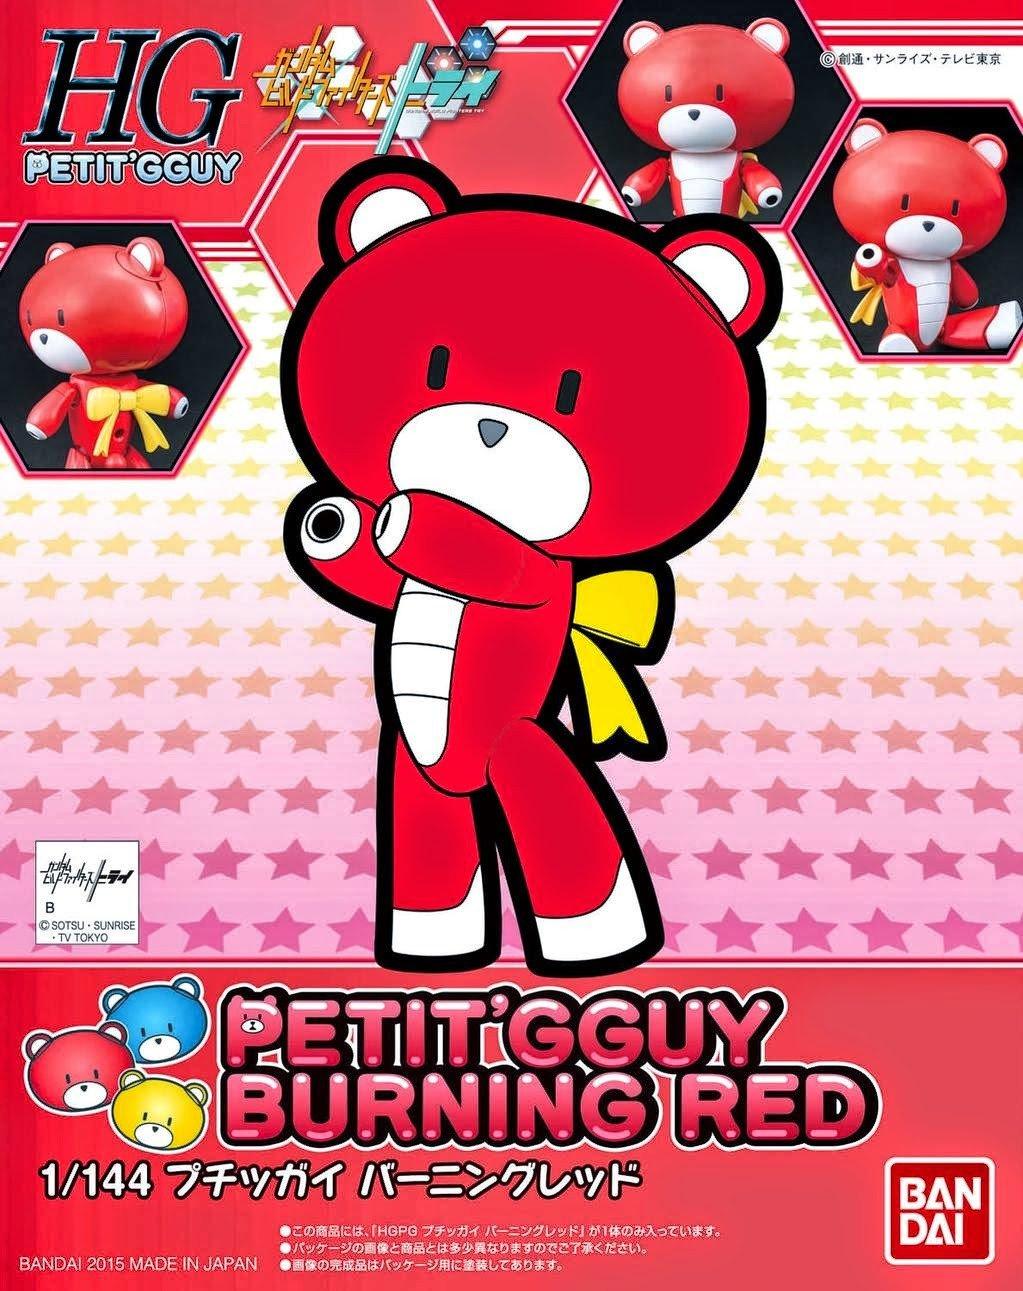 BANDAI BEARGGUY HGPG 1/144 PETIT GGUY BURNING RED